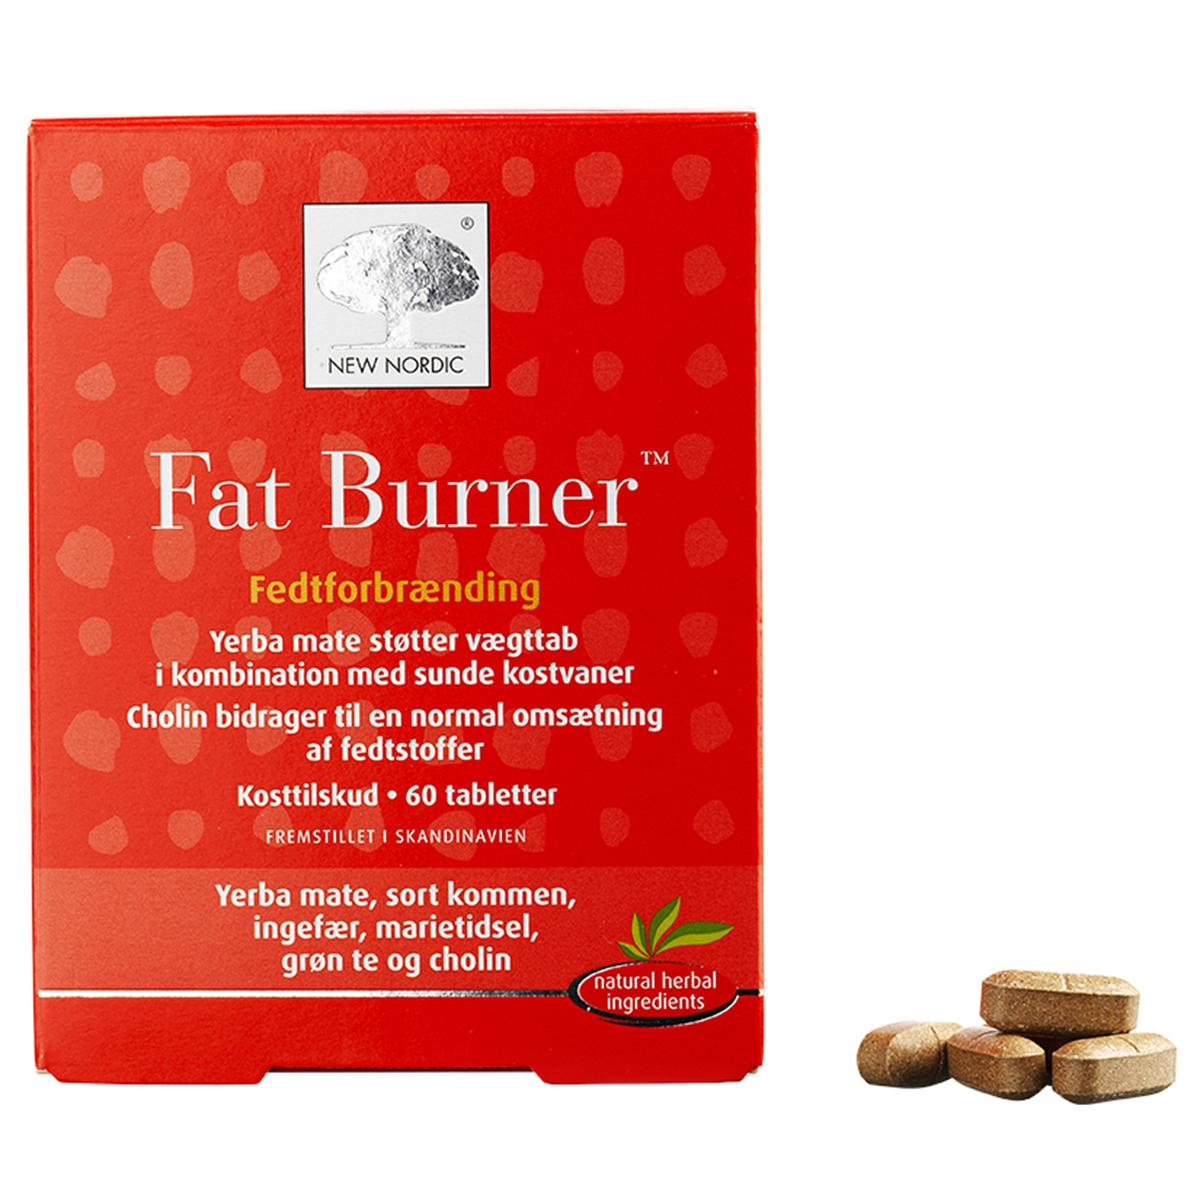 Billede af New Nordic Fat Burner - 60 stk.